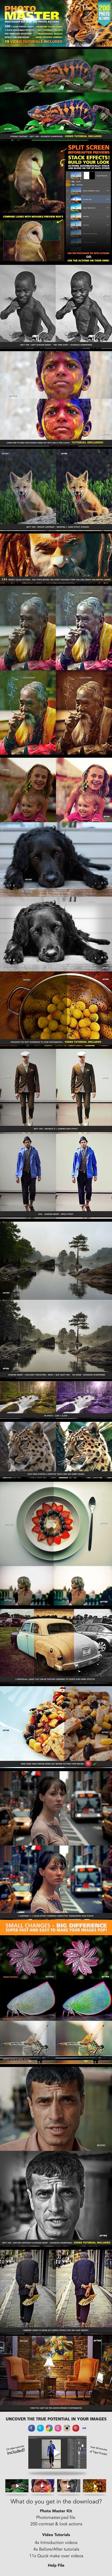 دانلود رايگان فايل : مجموعه اکشن فتوشاپ graphicriver : 200 Pro Actions - Photo Master